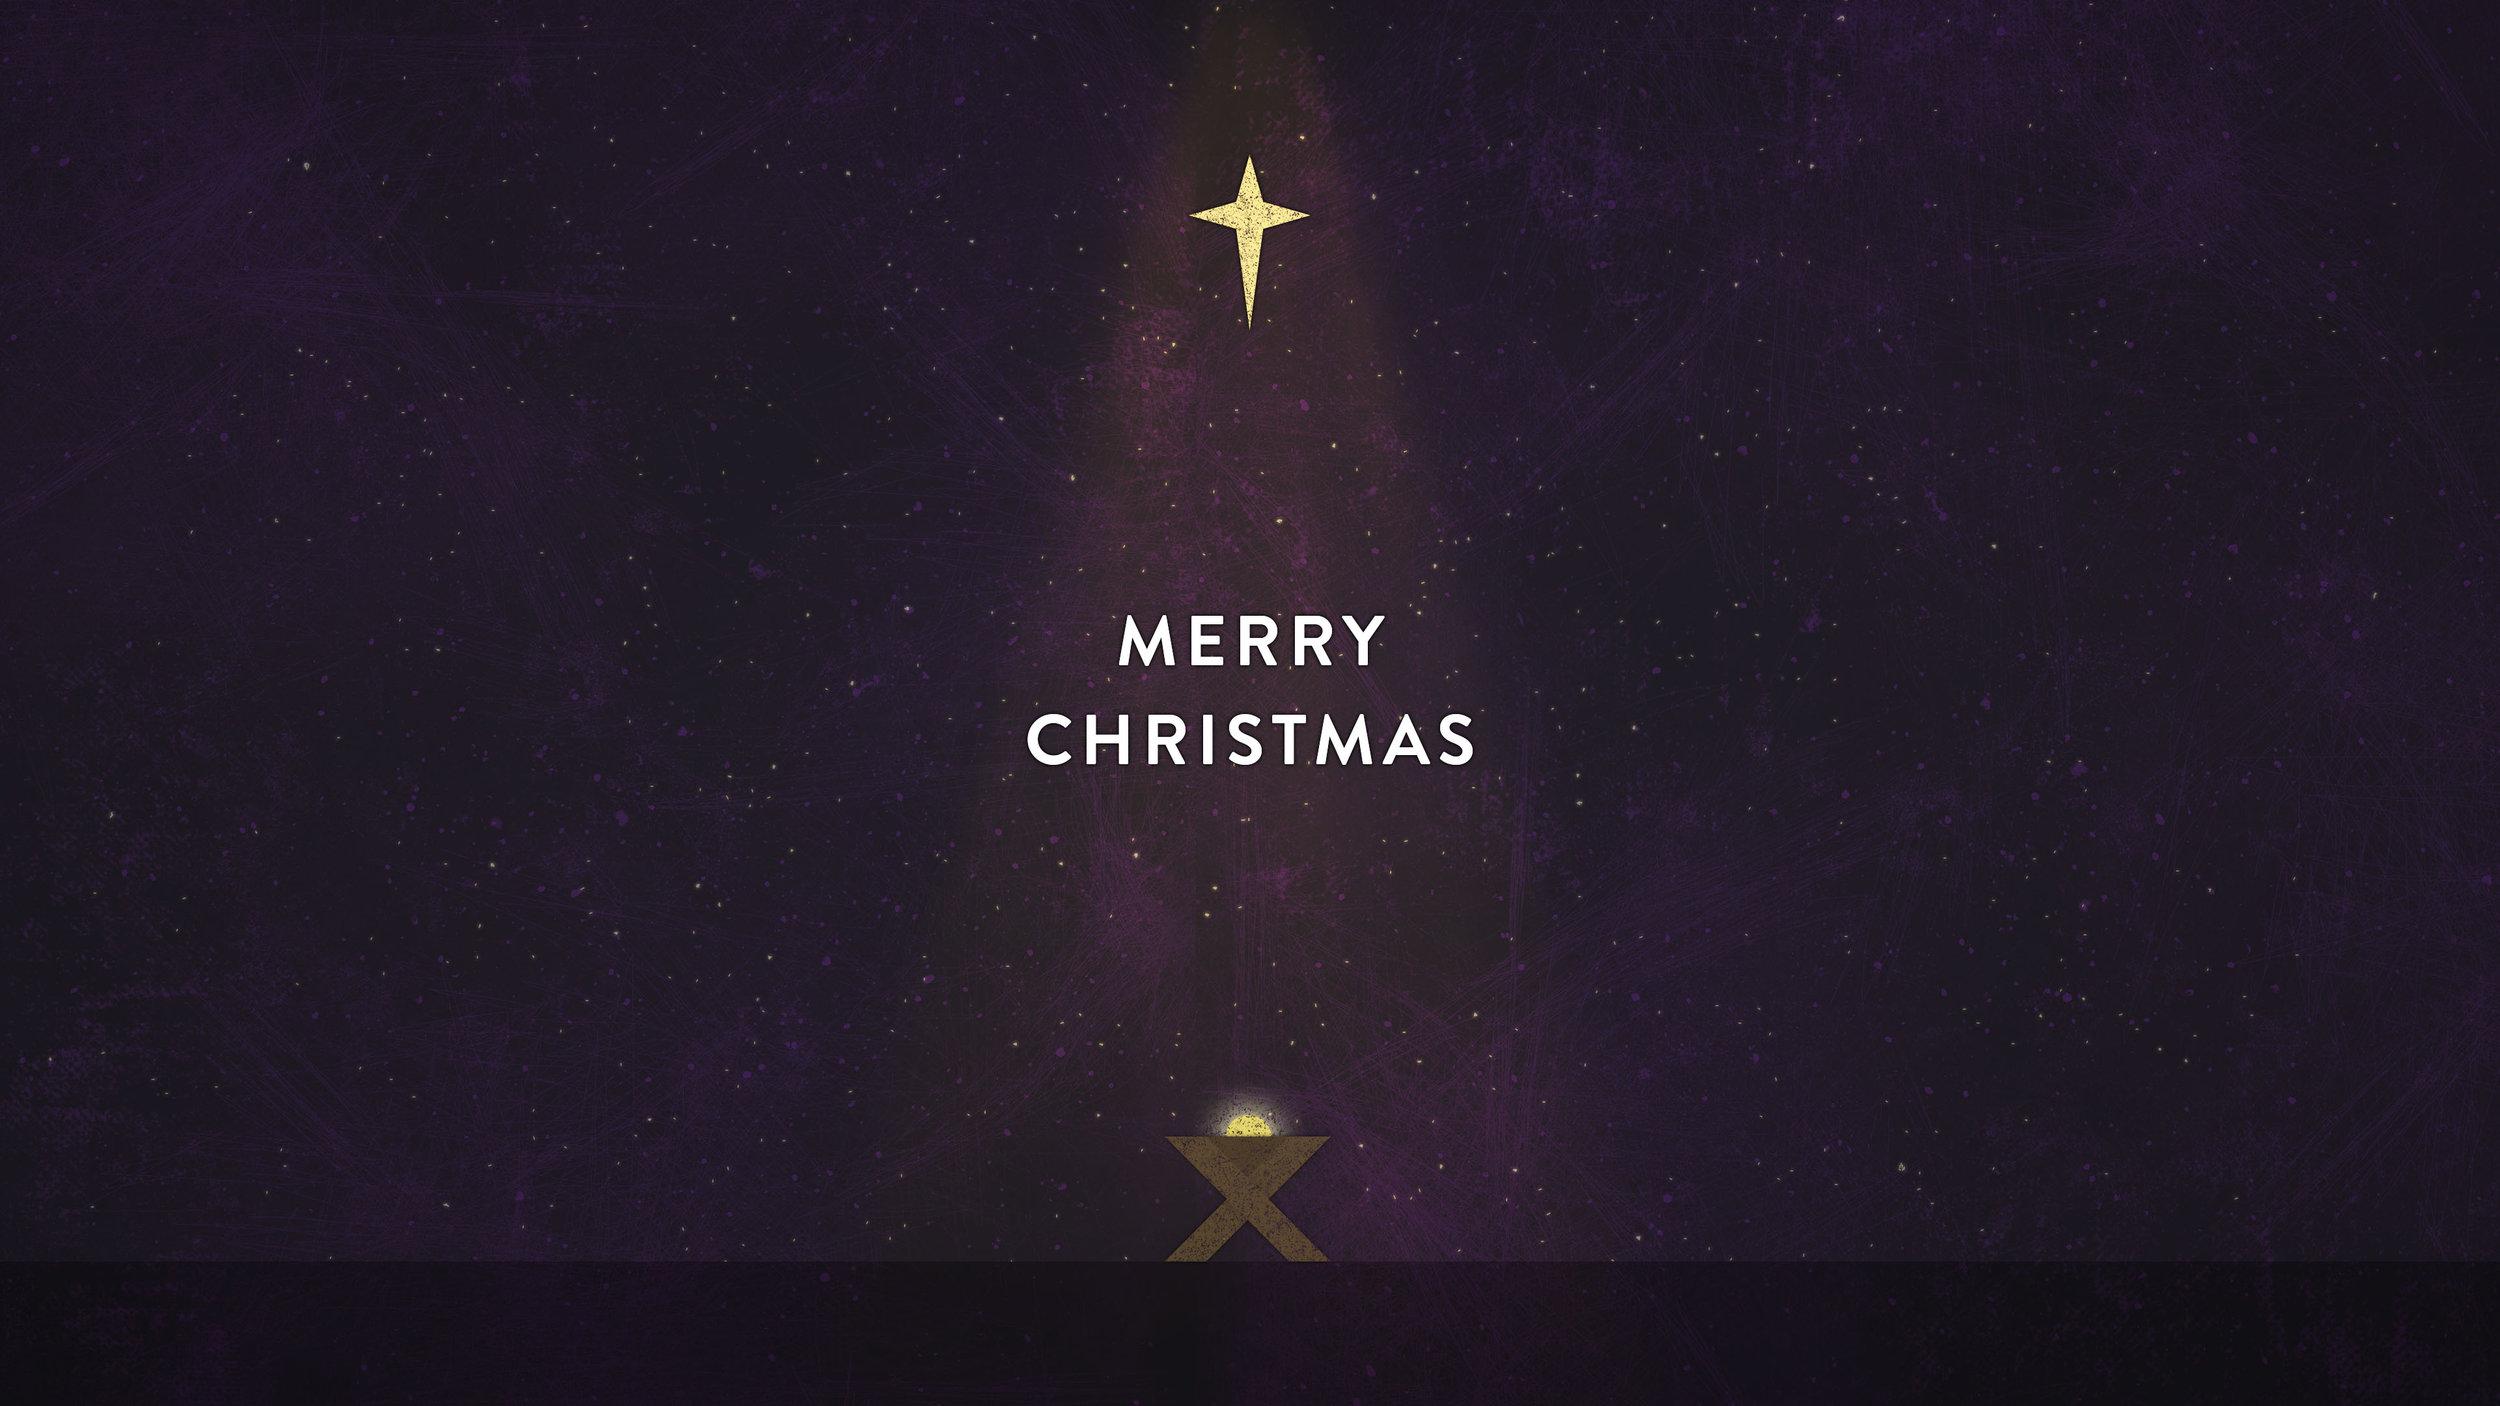 Merry-Christmas_16x9_widescreen.jpg